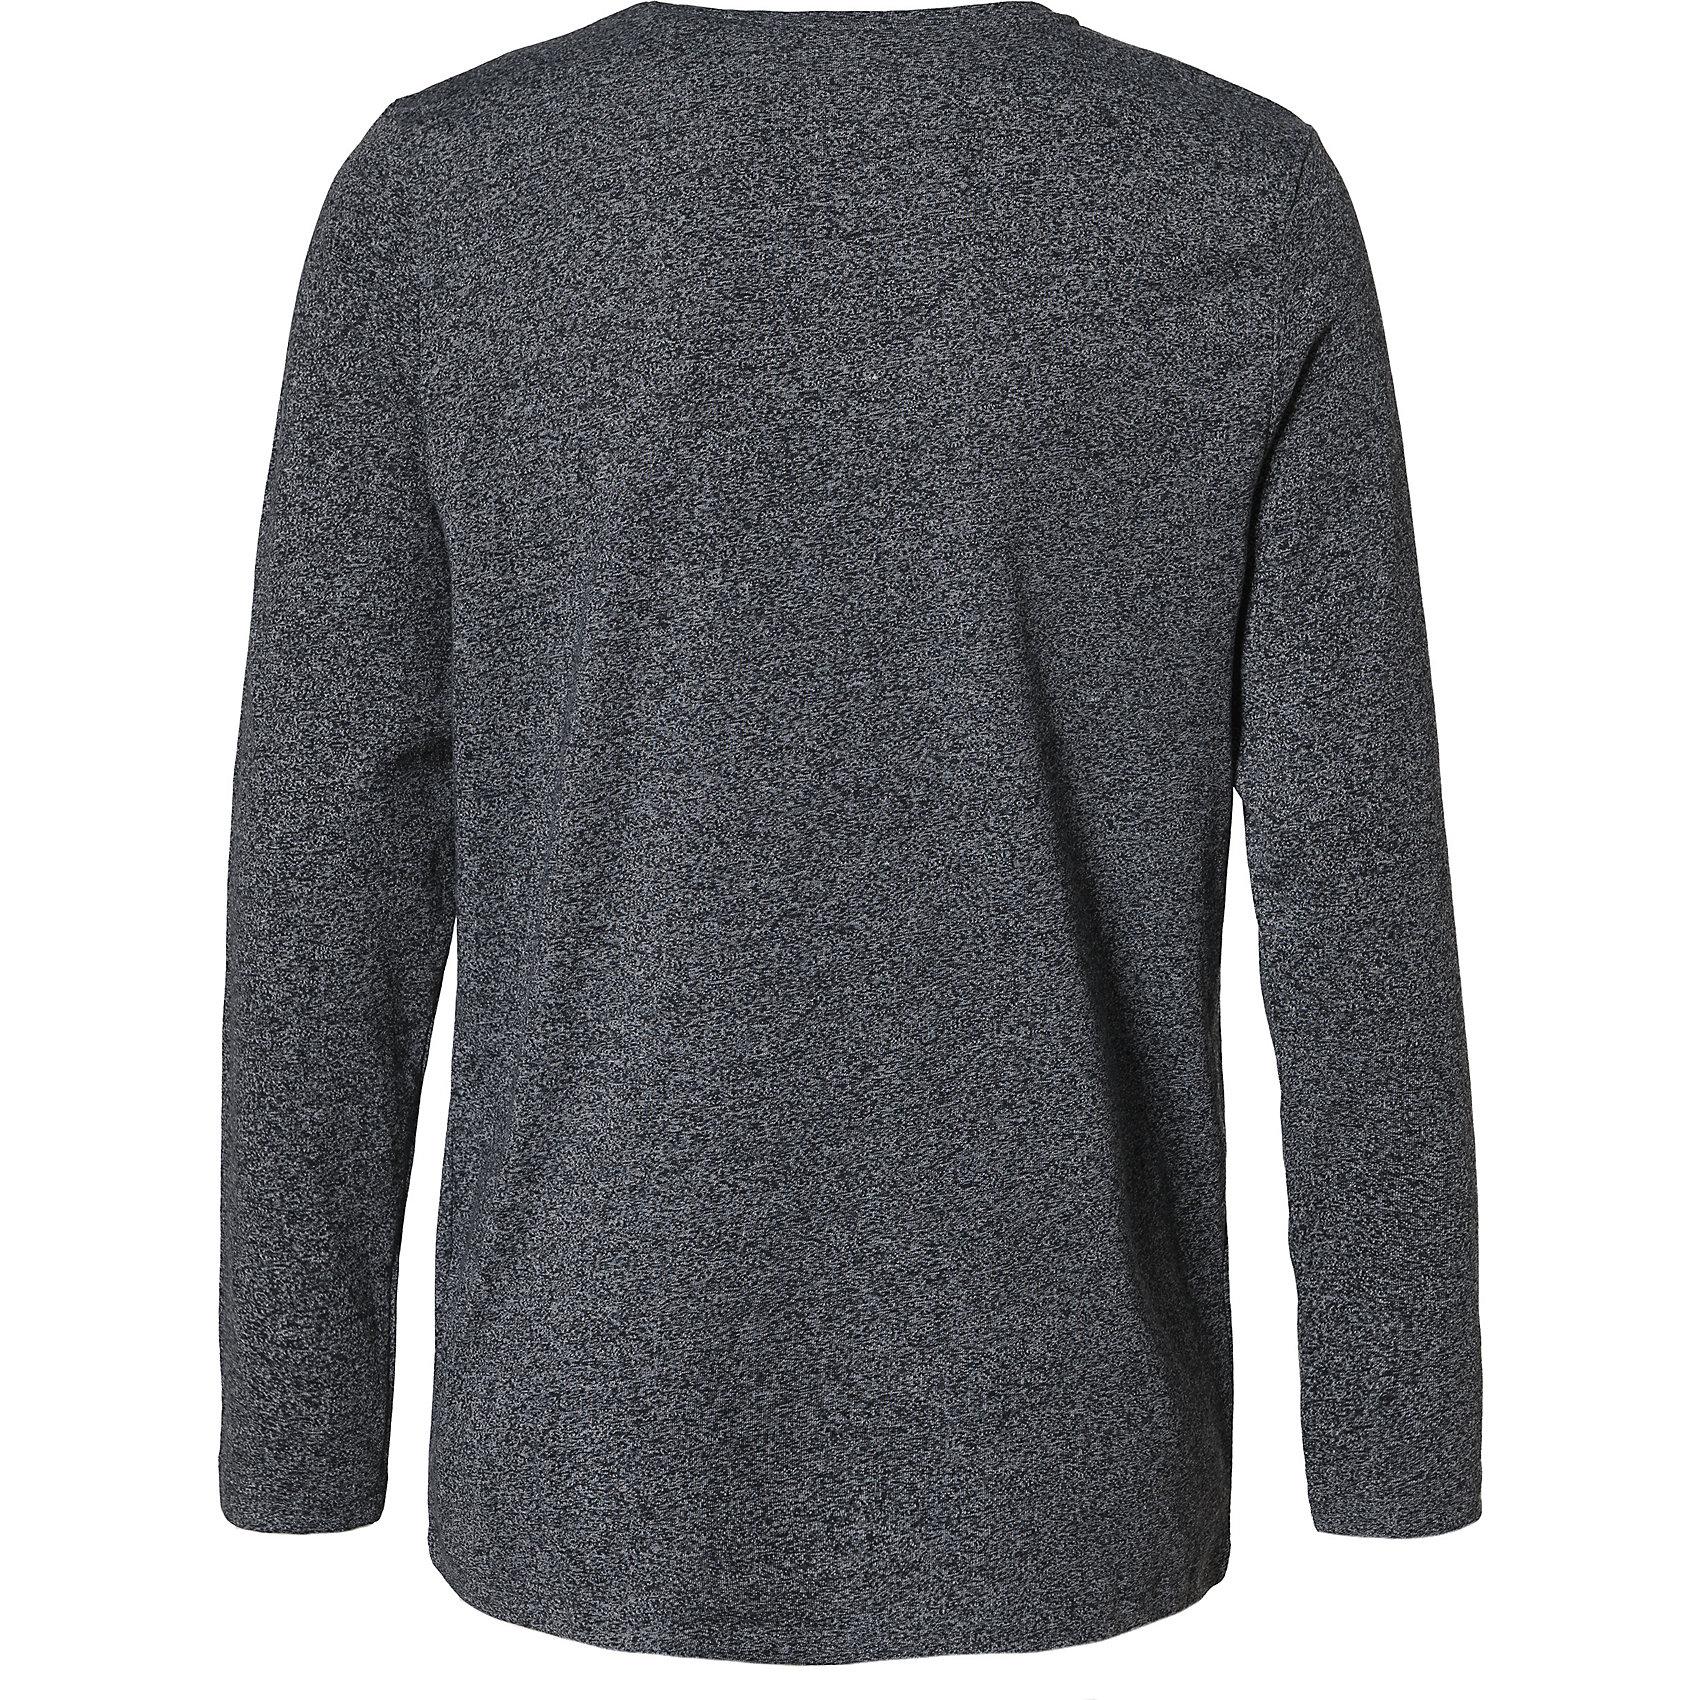 Neu TOM TAILOR Langarmshirt mit Brusttasche für Jungen 9019832 für ... d587cc3ed9